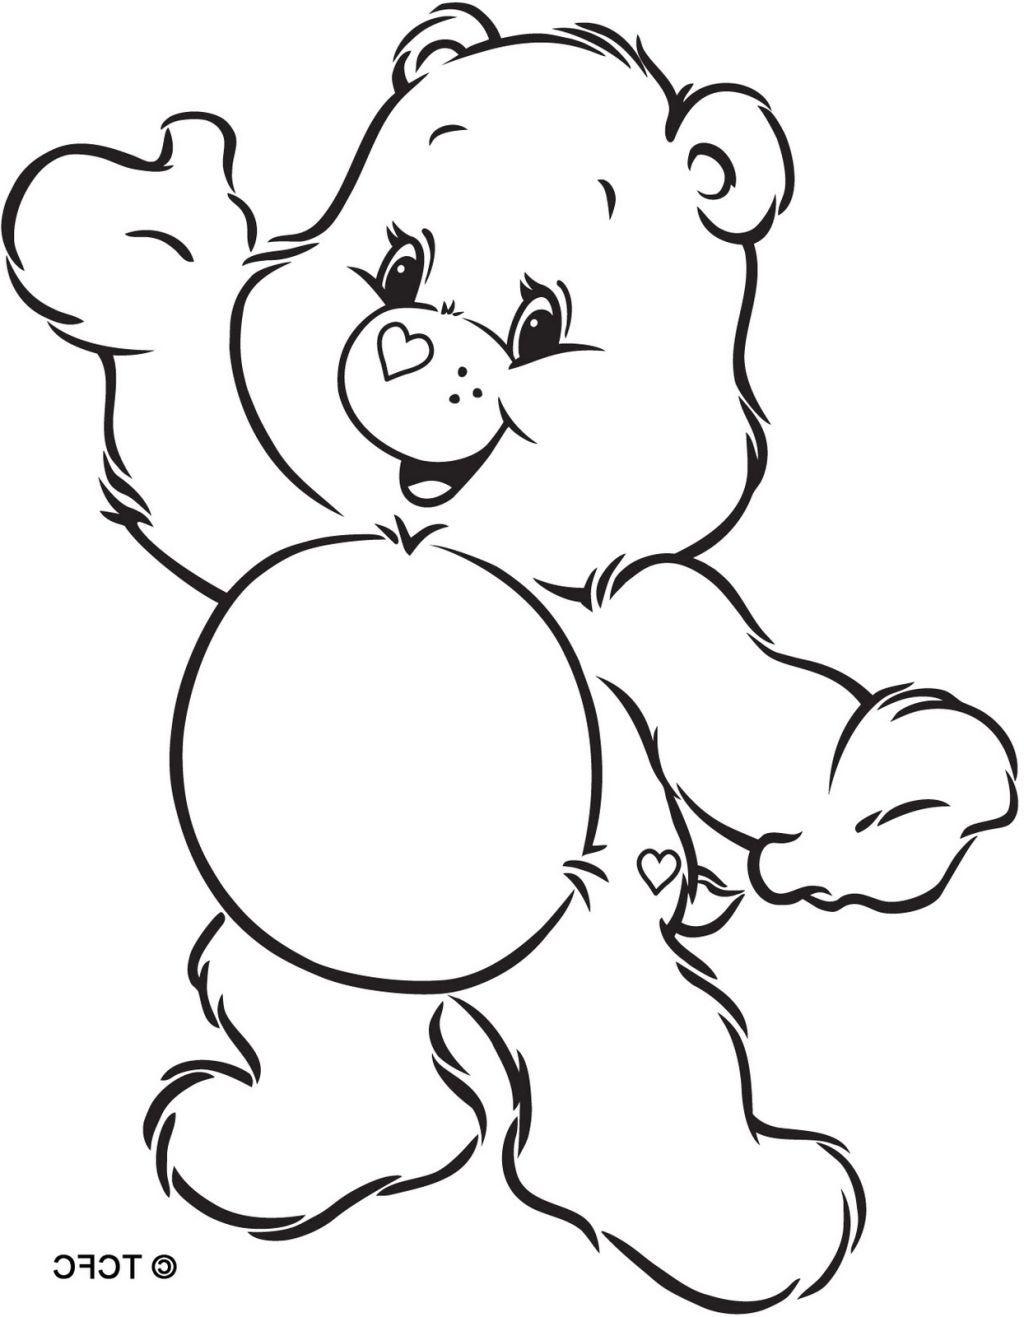 Obraz Znaleziony Dla Care Bears Coloring Bear Coloring Pages Animal Coloring Pages Coloring Books